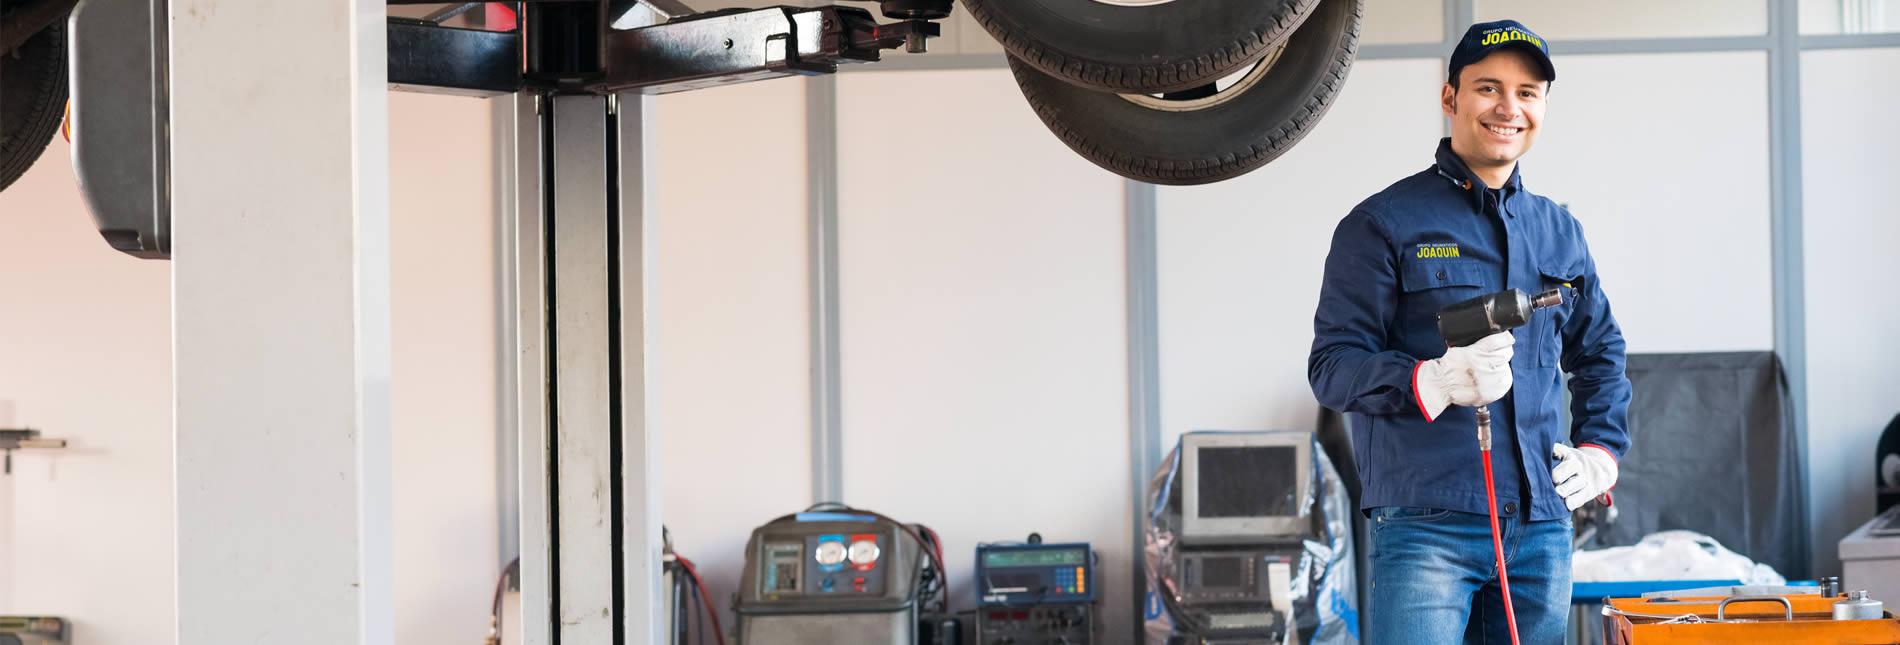 Taller de mecánica rápida<br /> y cambio de neumáticos<br /> en Getafe